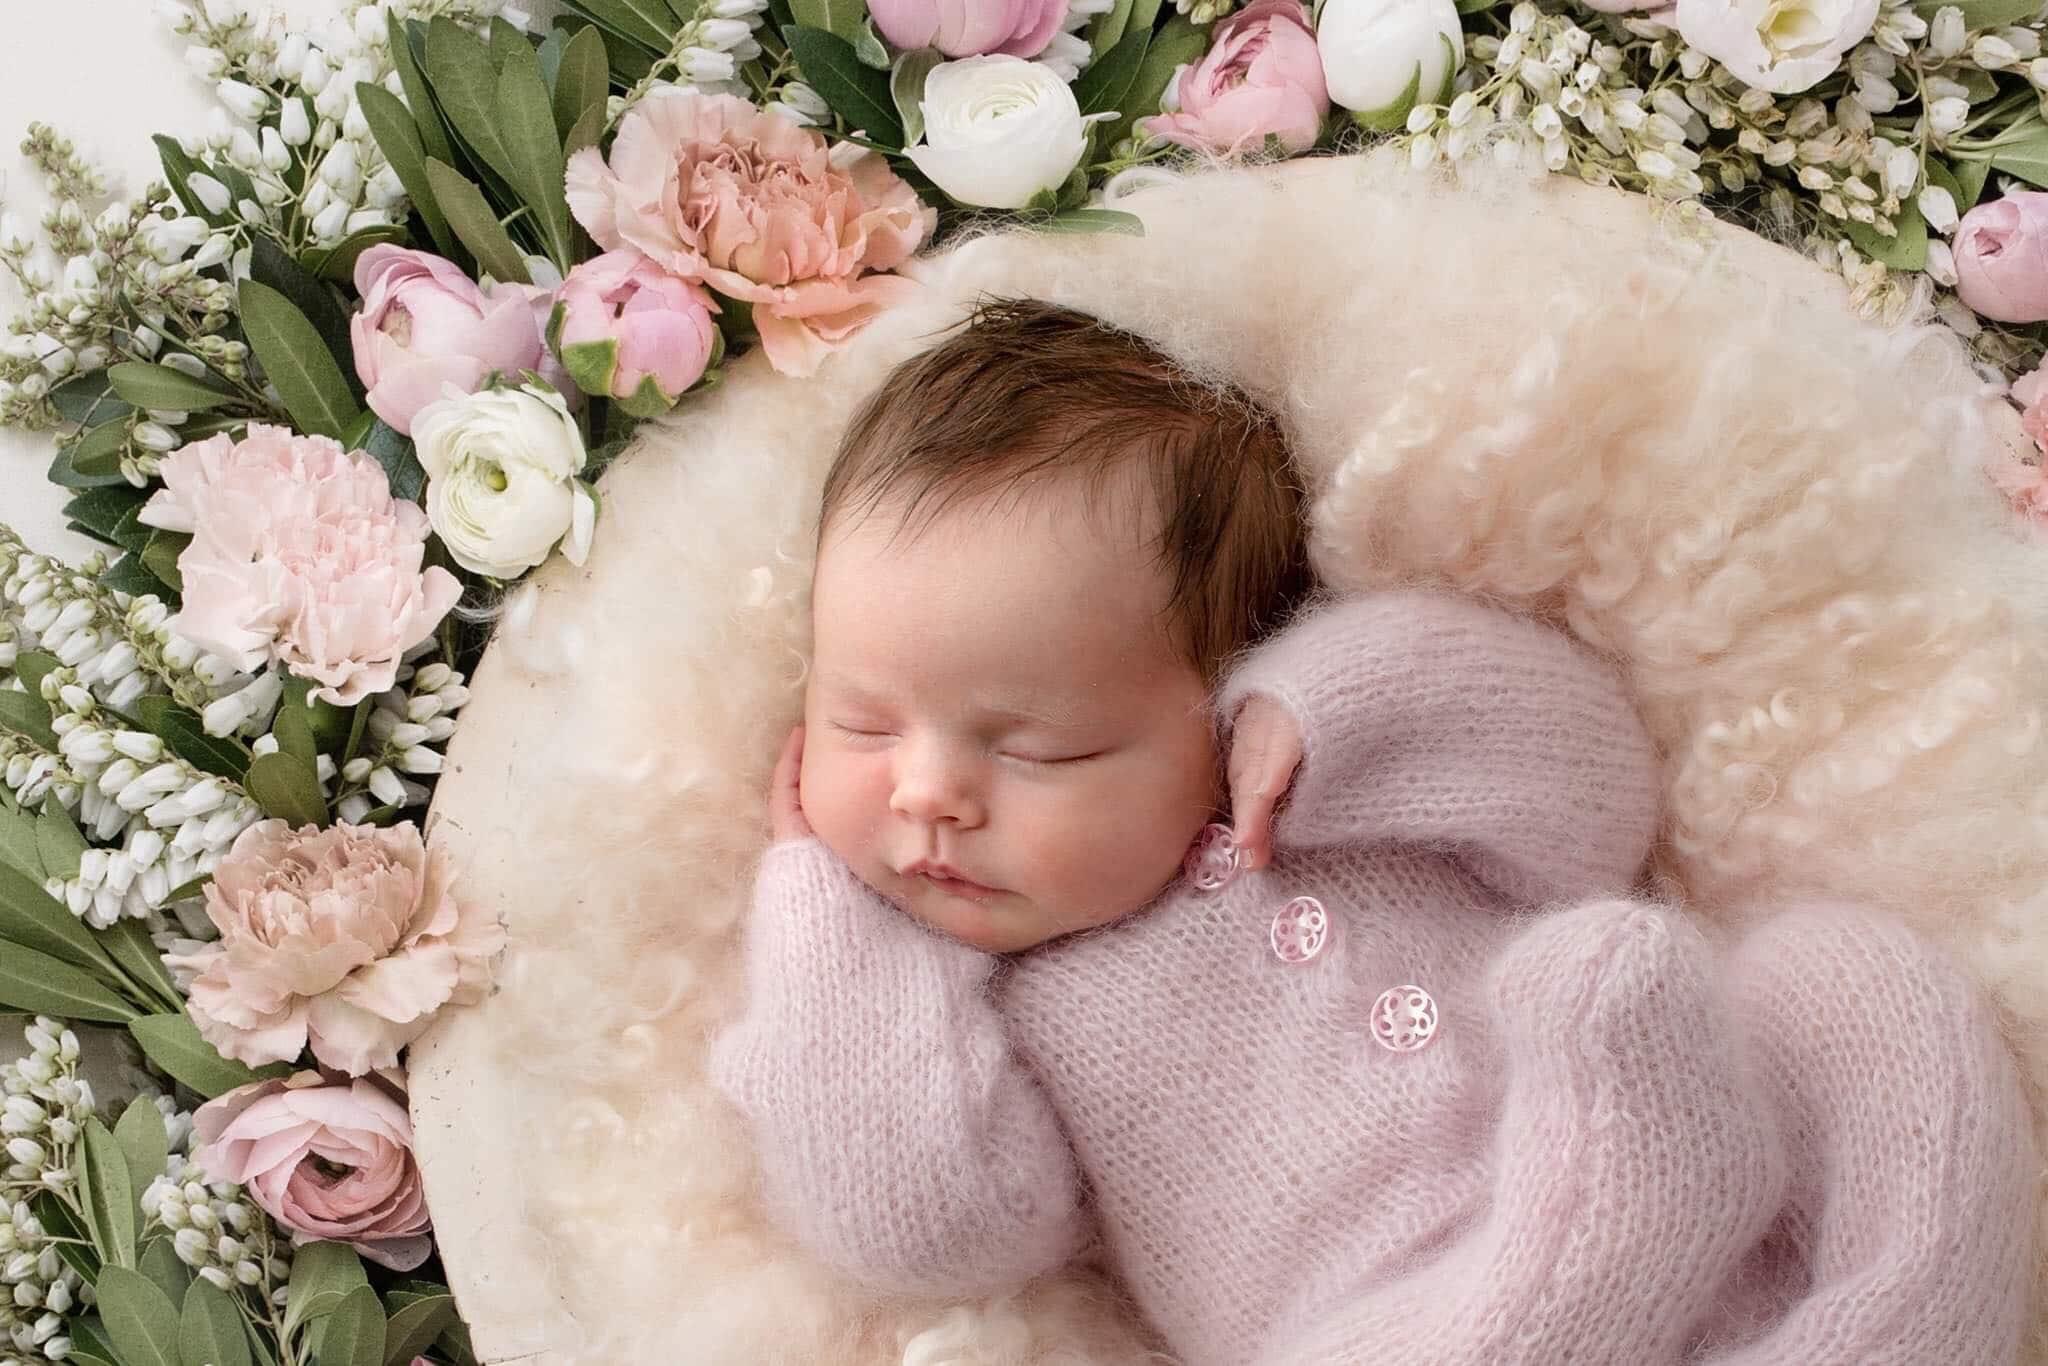 Un neonato non può autodeterminarsi, ecco perché qualsiasi genitore è responsabile di ciò che gli accade.<br> Ho subito minacce e insulti per avere affermato una scomoda ovvietà